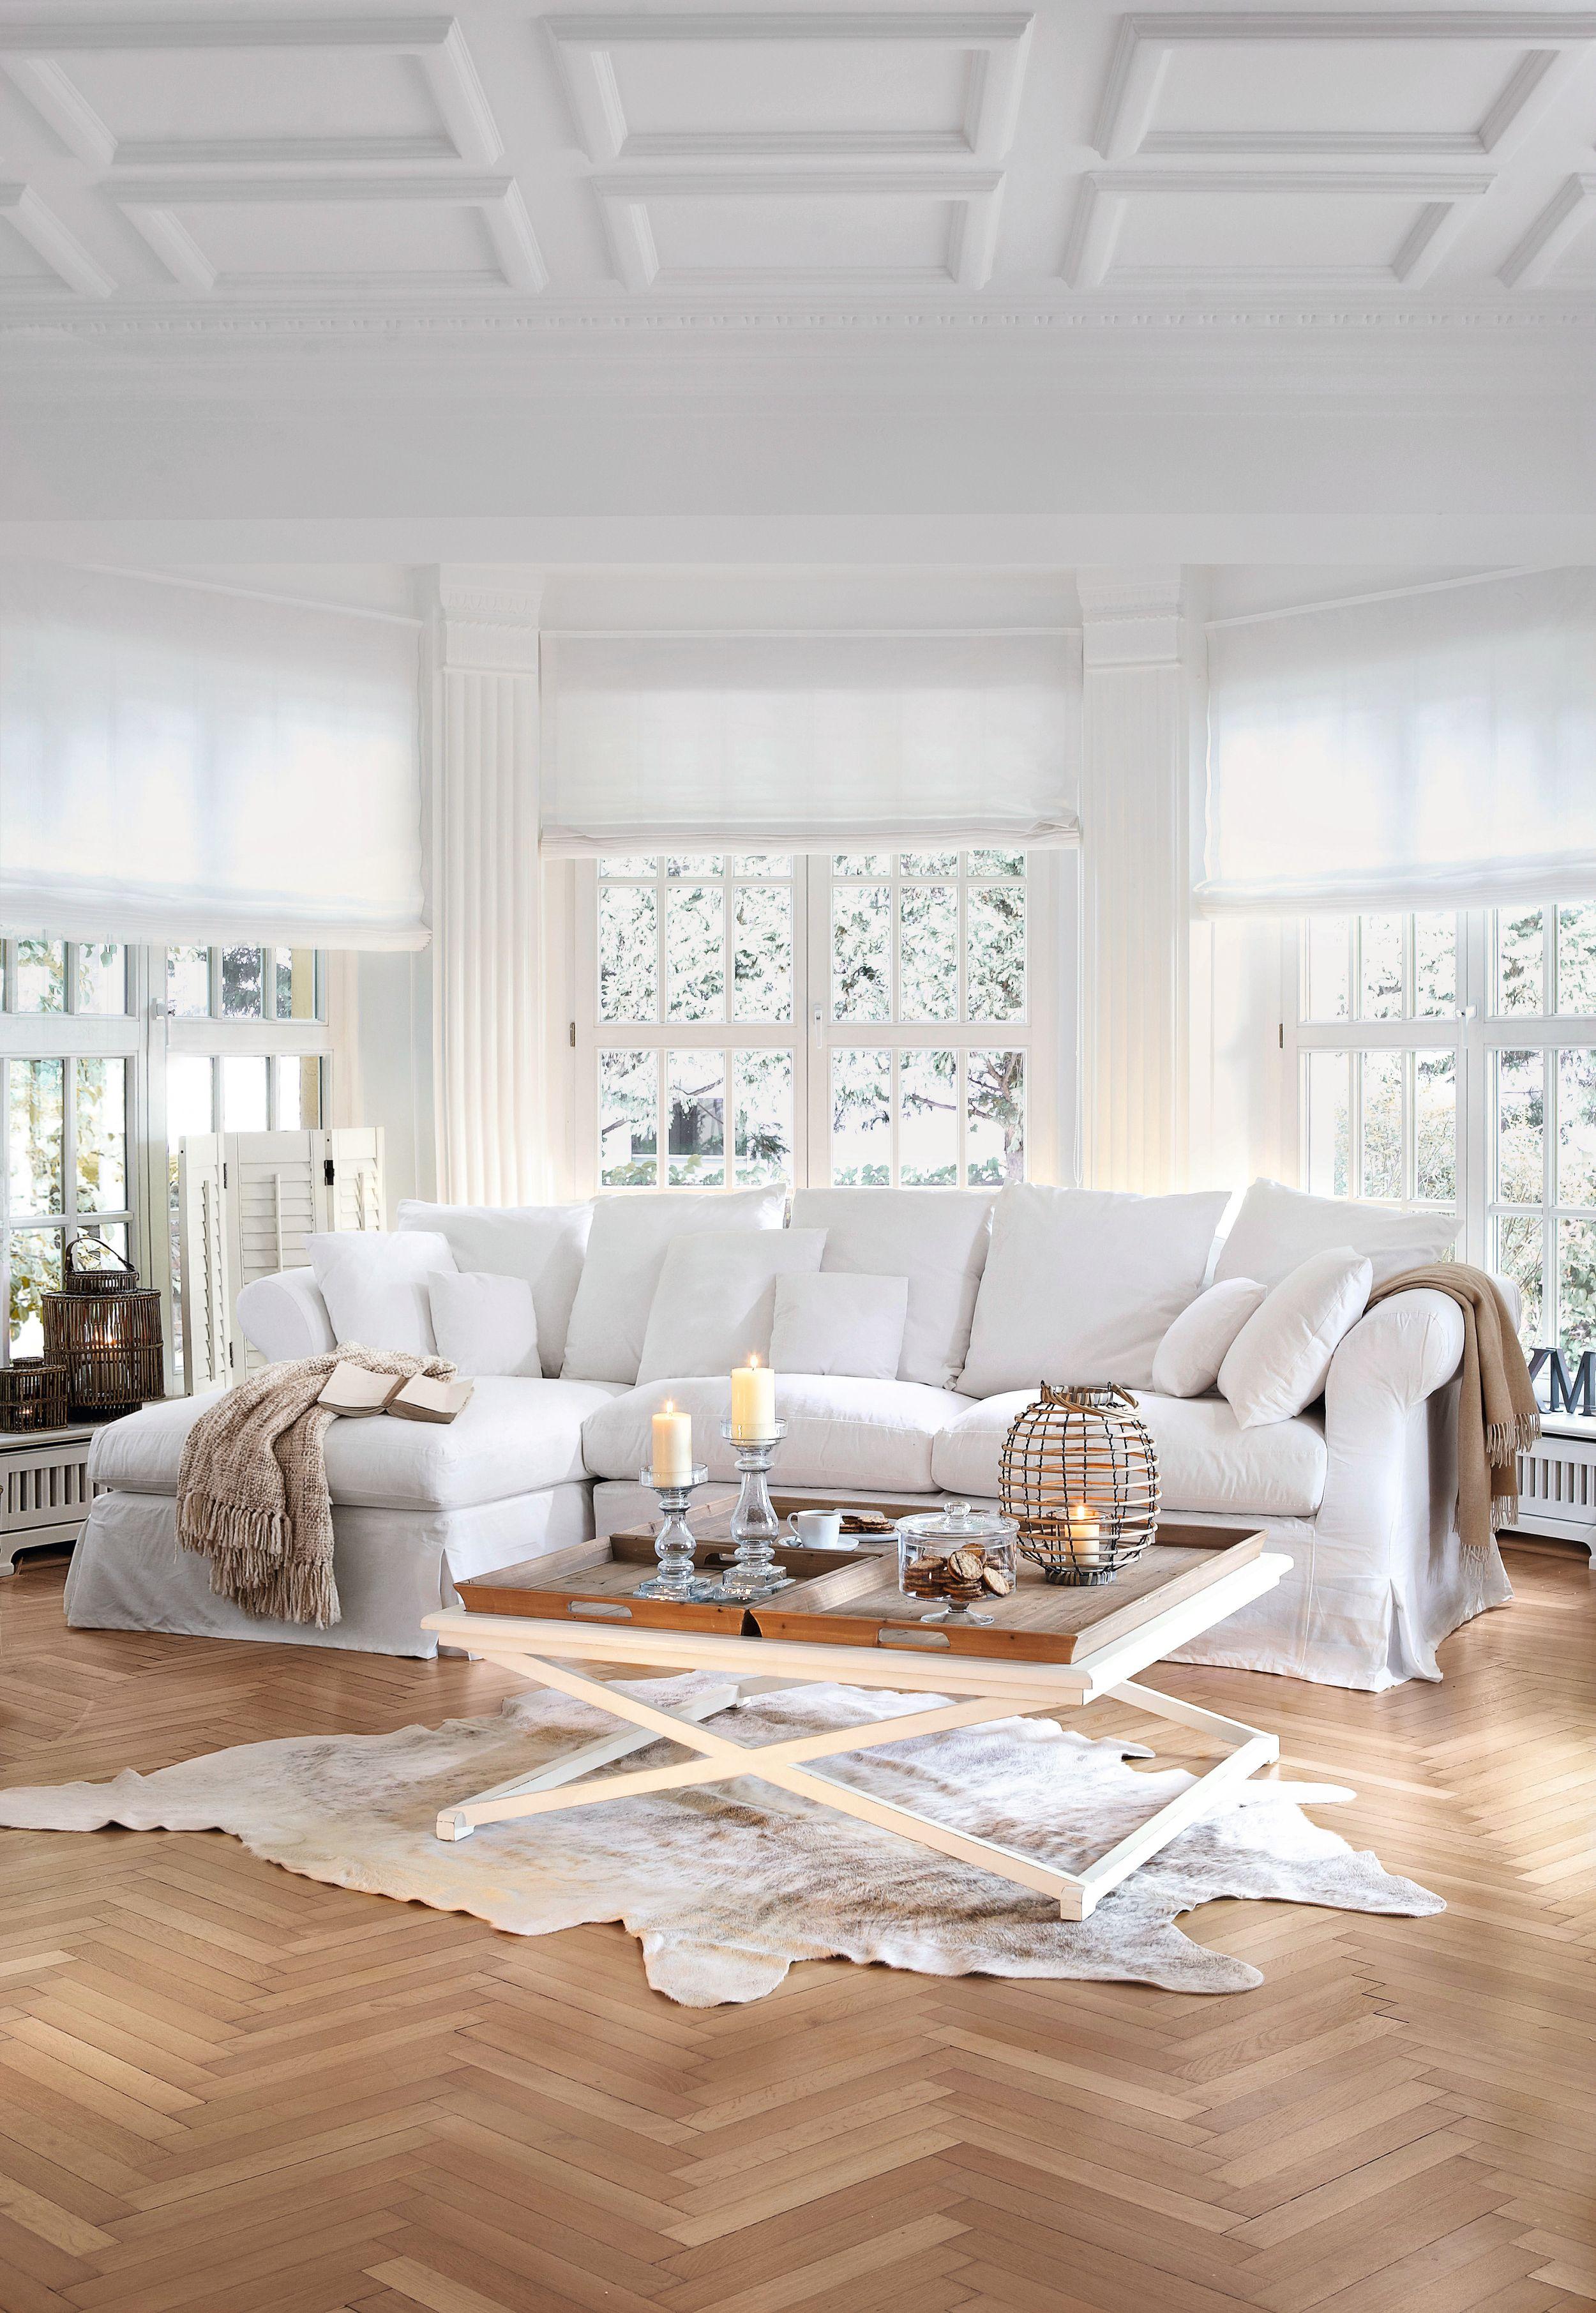 Sofa New Haven Loberon Weiss White Wohnen Wohnzimmer